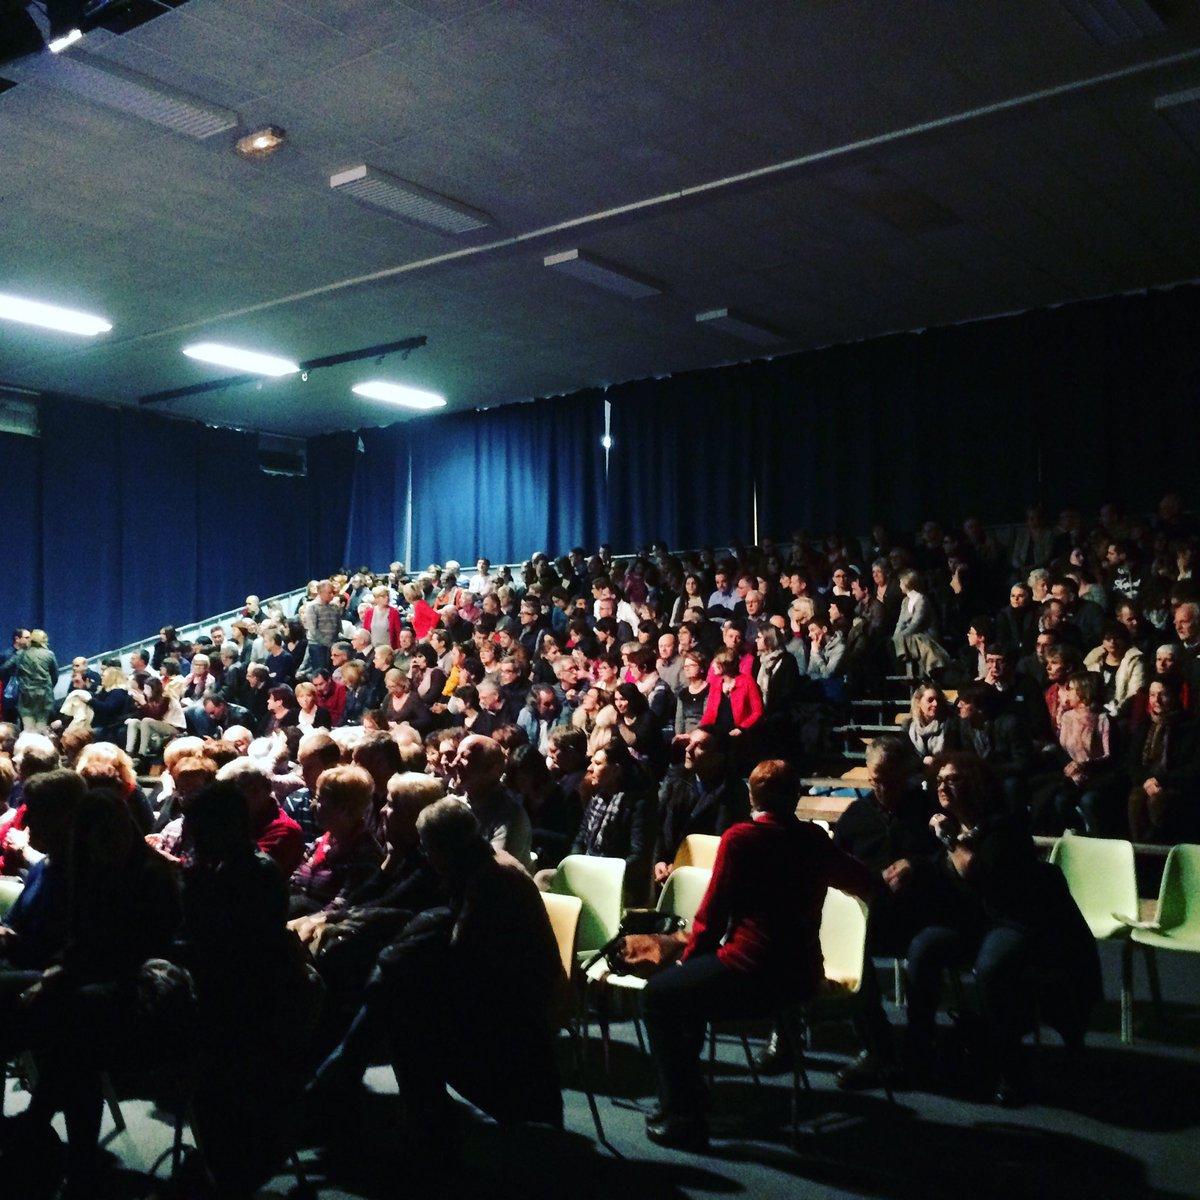 Salle comble à #Verdun pour une représentation de folie ! #grossechaleur #theatre<br>http://pic.twitter.com/JzUxh23NQa